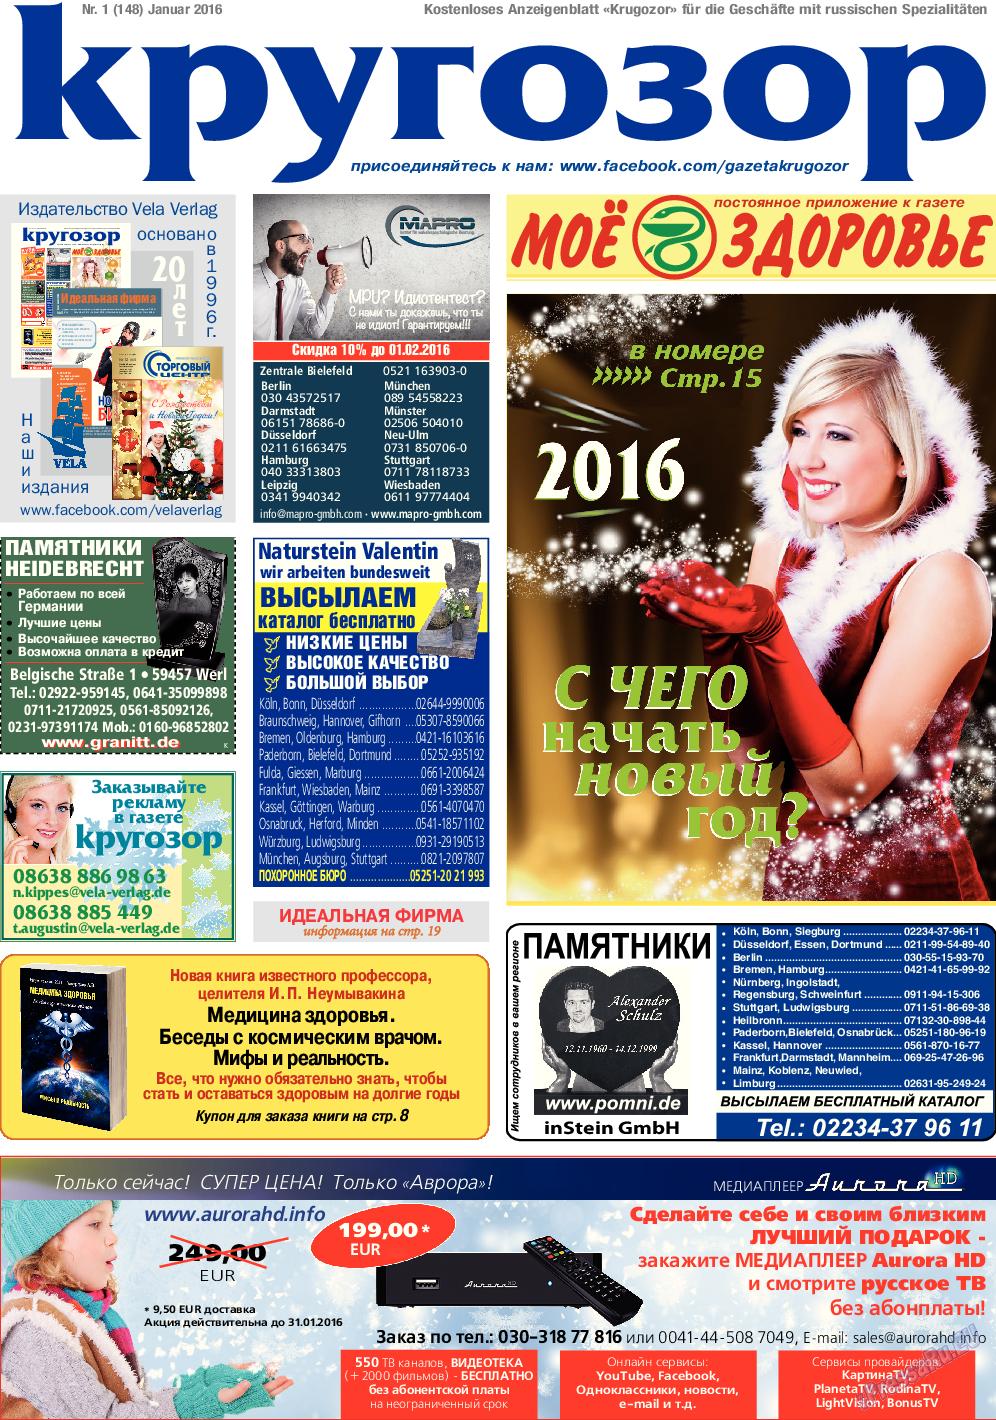 Кругозор (газета). 2016 год, номер 1, стр. 1